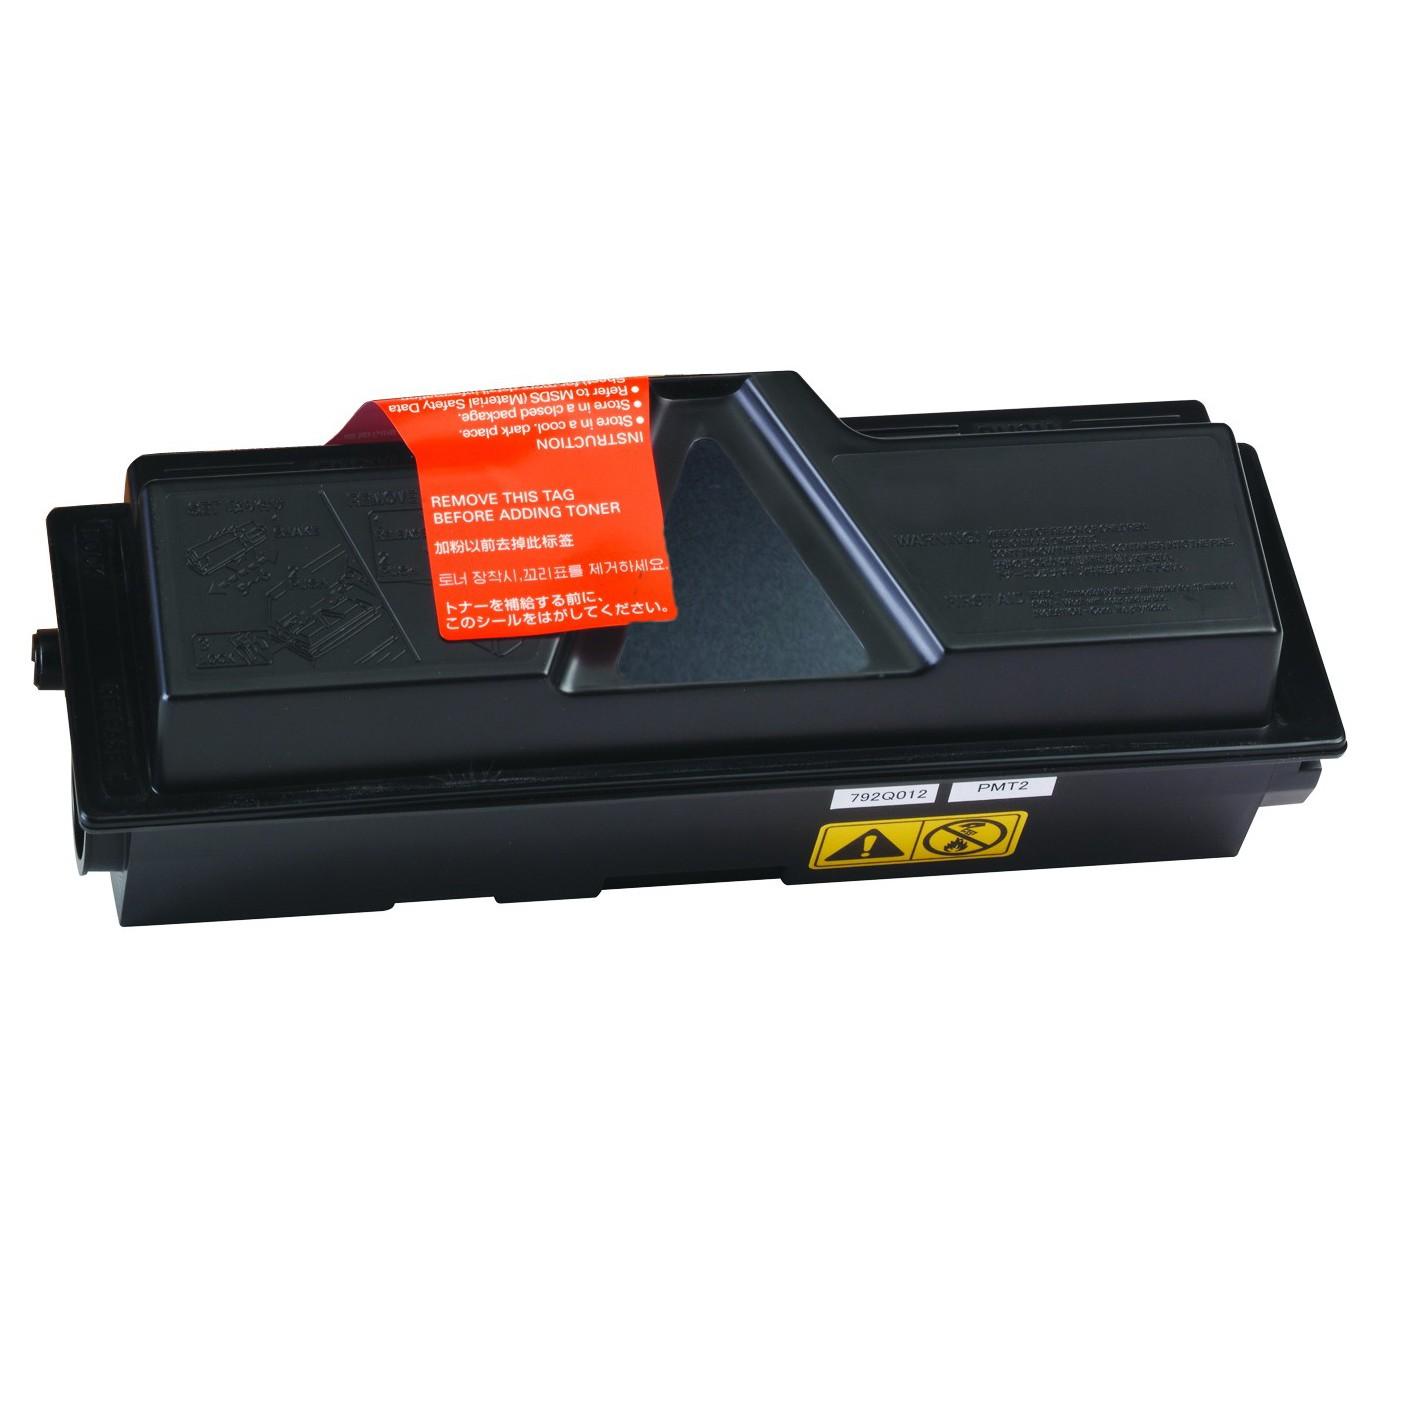 Kyocera TK130/131/132/133/134 Lasertoner, Sort, Kompatibel, 7200 sider